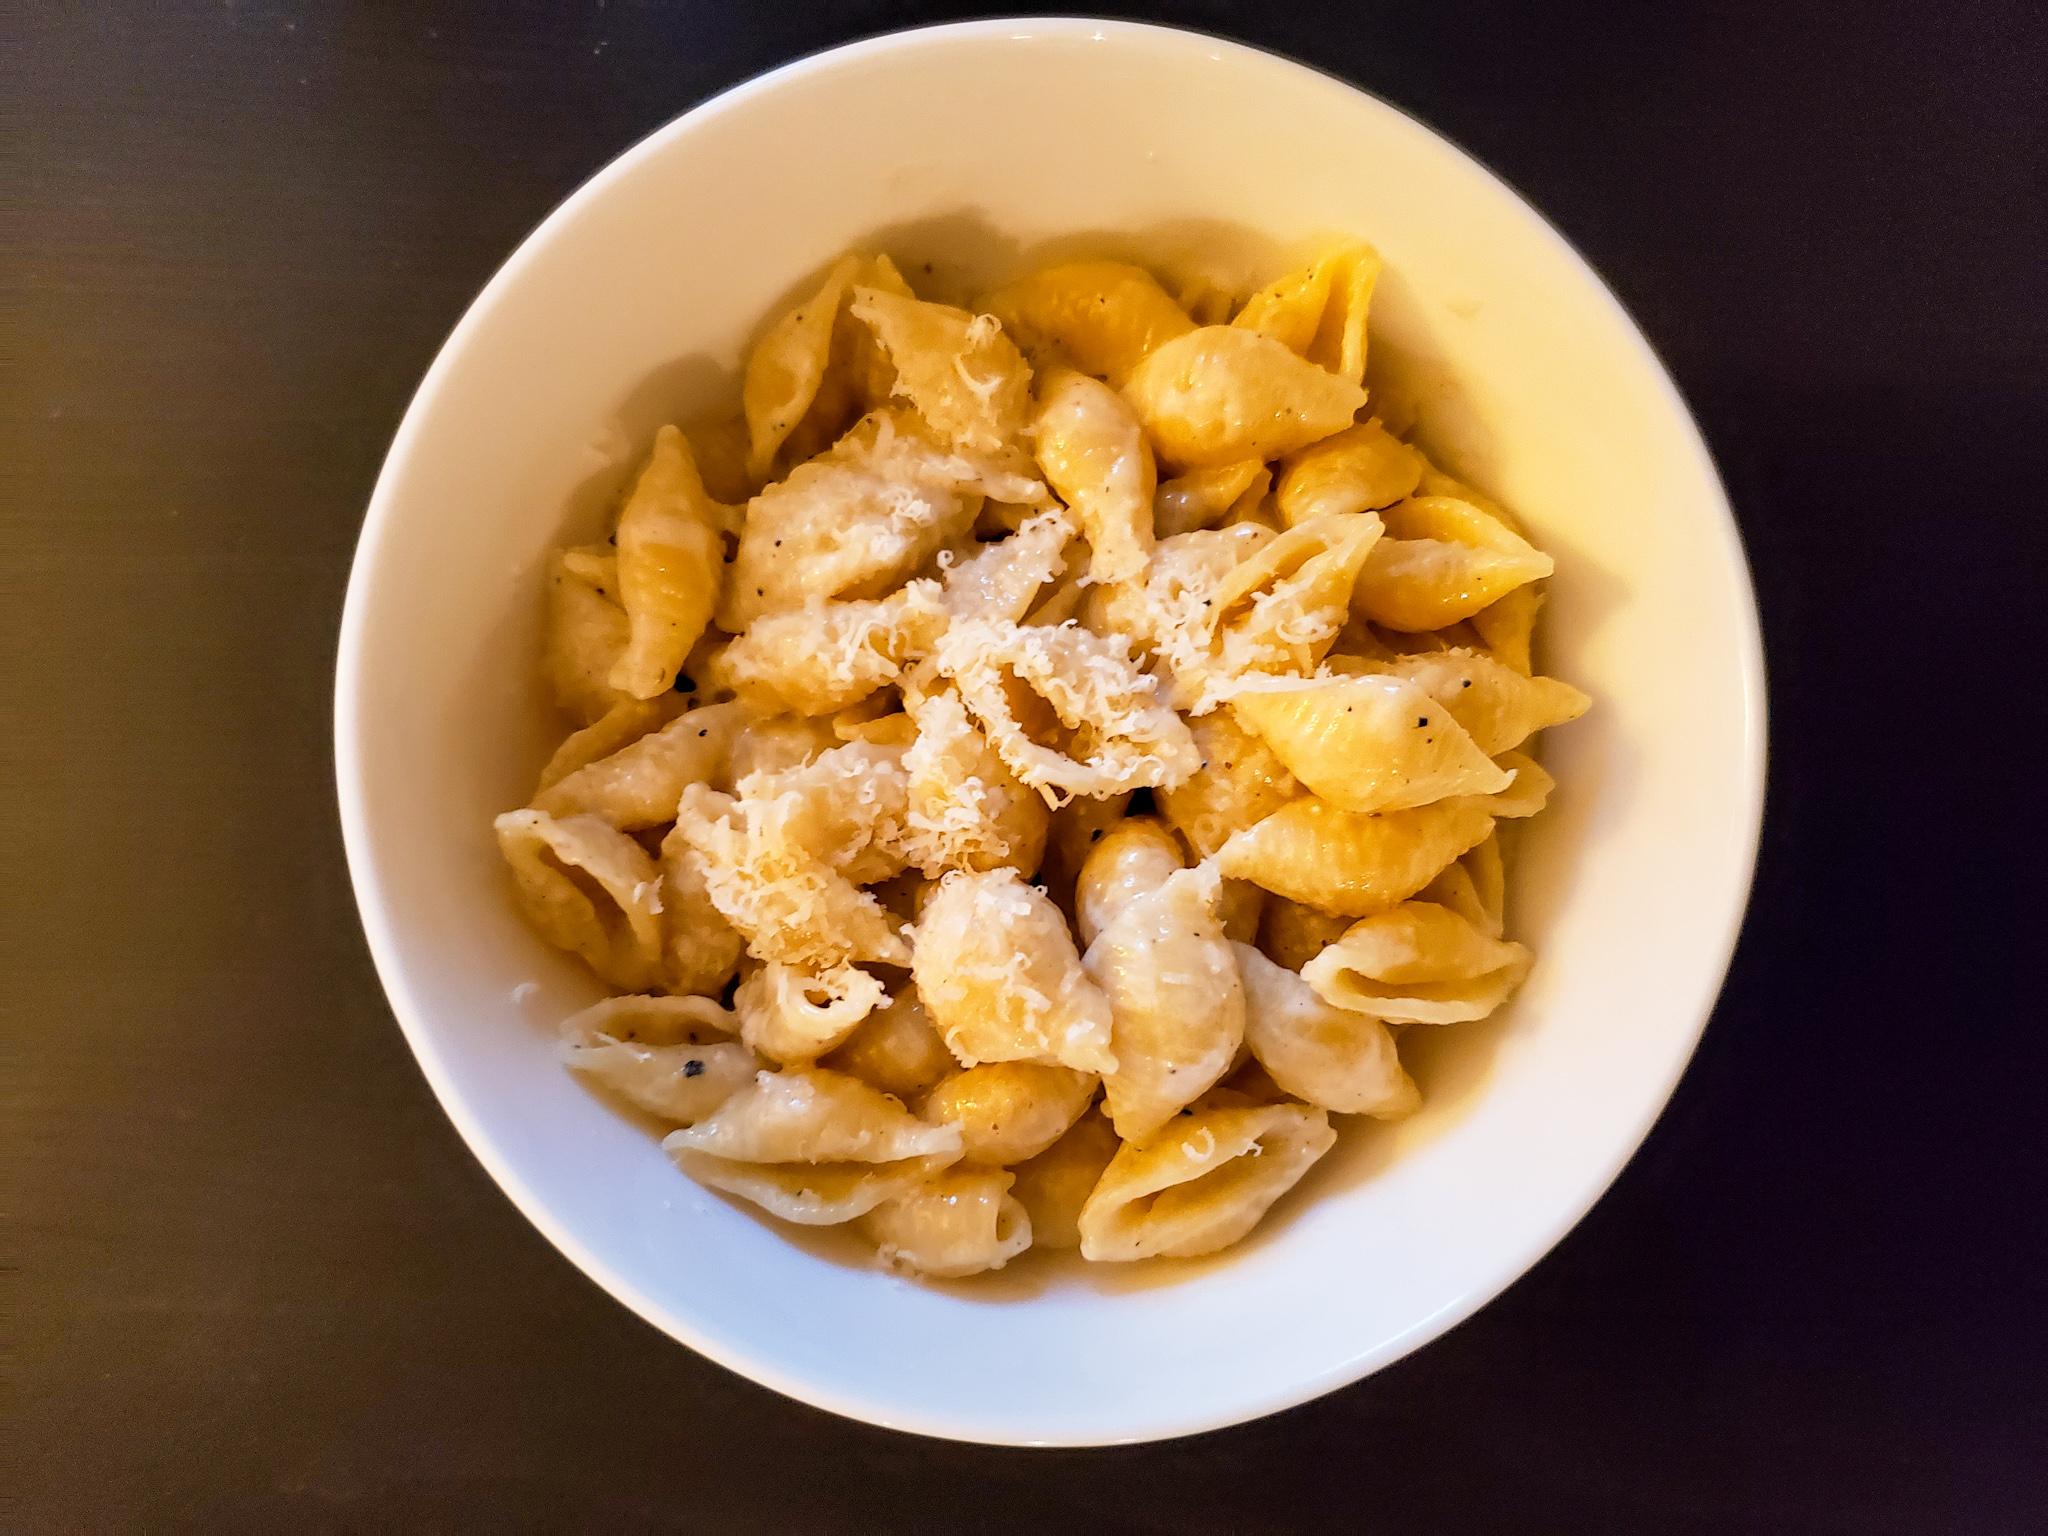 A bowl of mac n' cheese